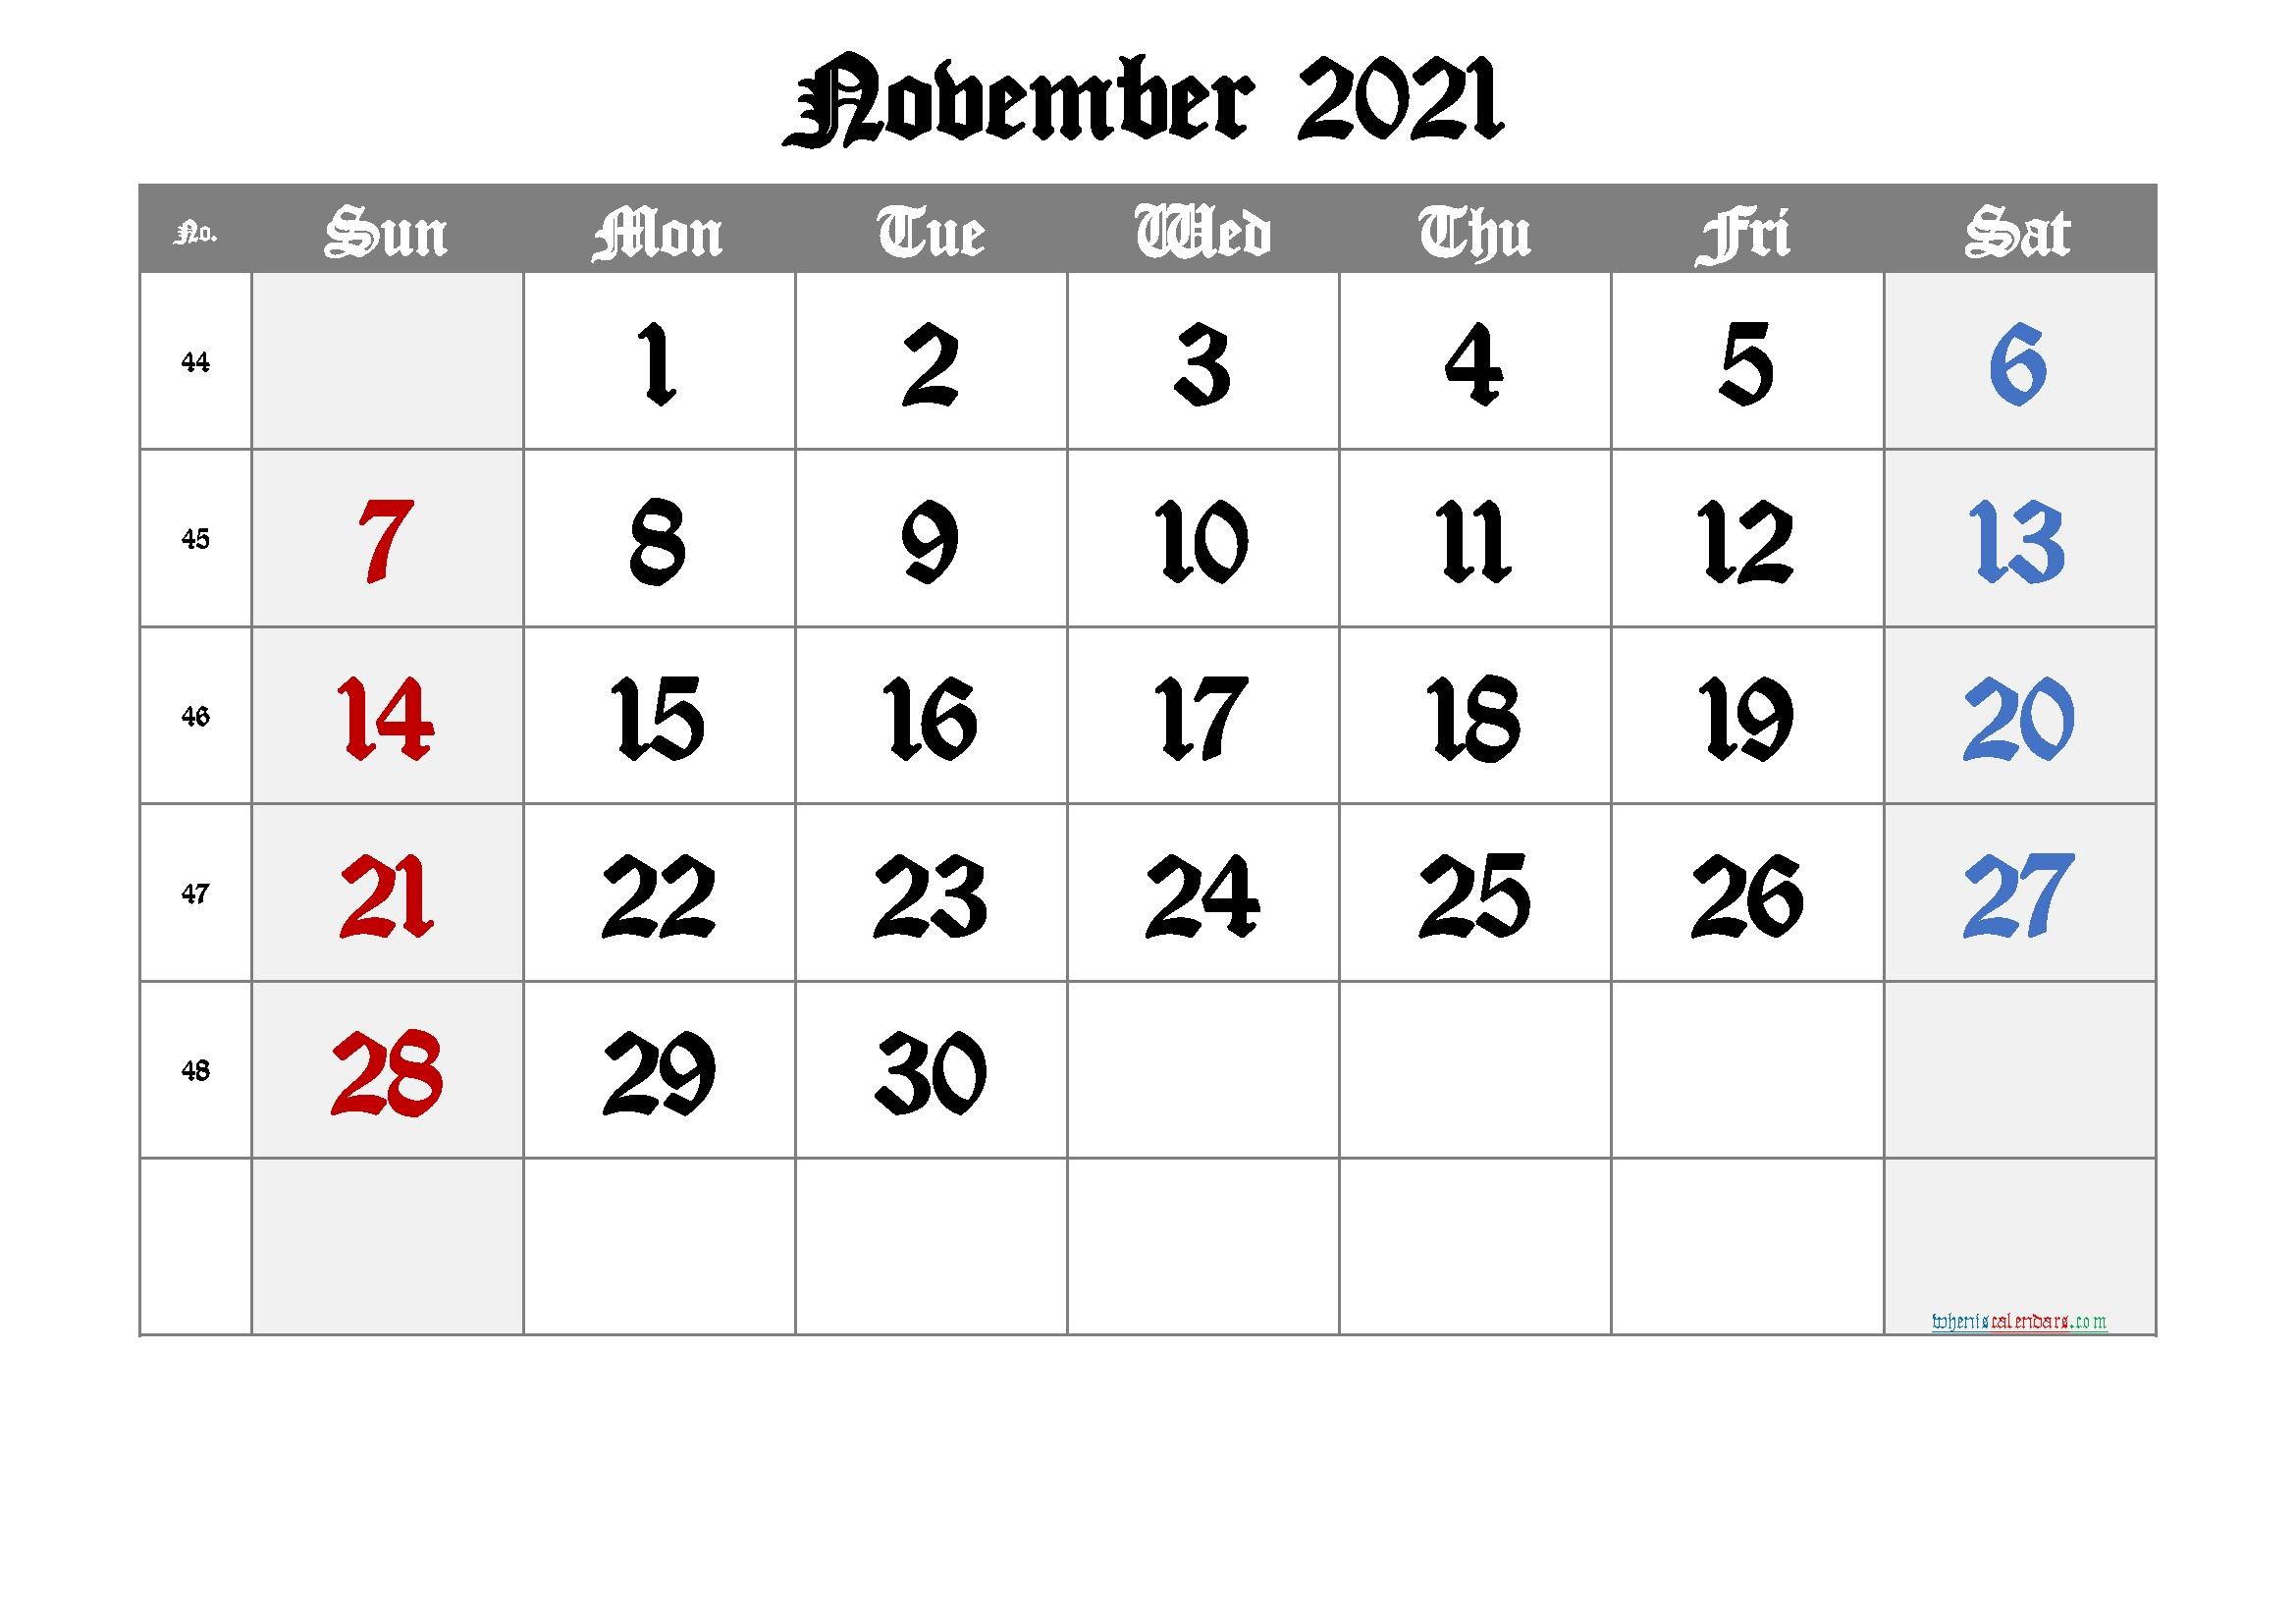 Printable Calendar 2021 November | Free Printable 2020 Calendar With Holidays Free Printable November 2021 Calendar With Holidays